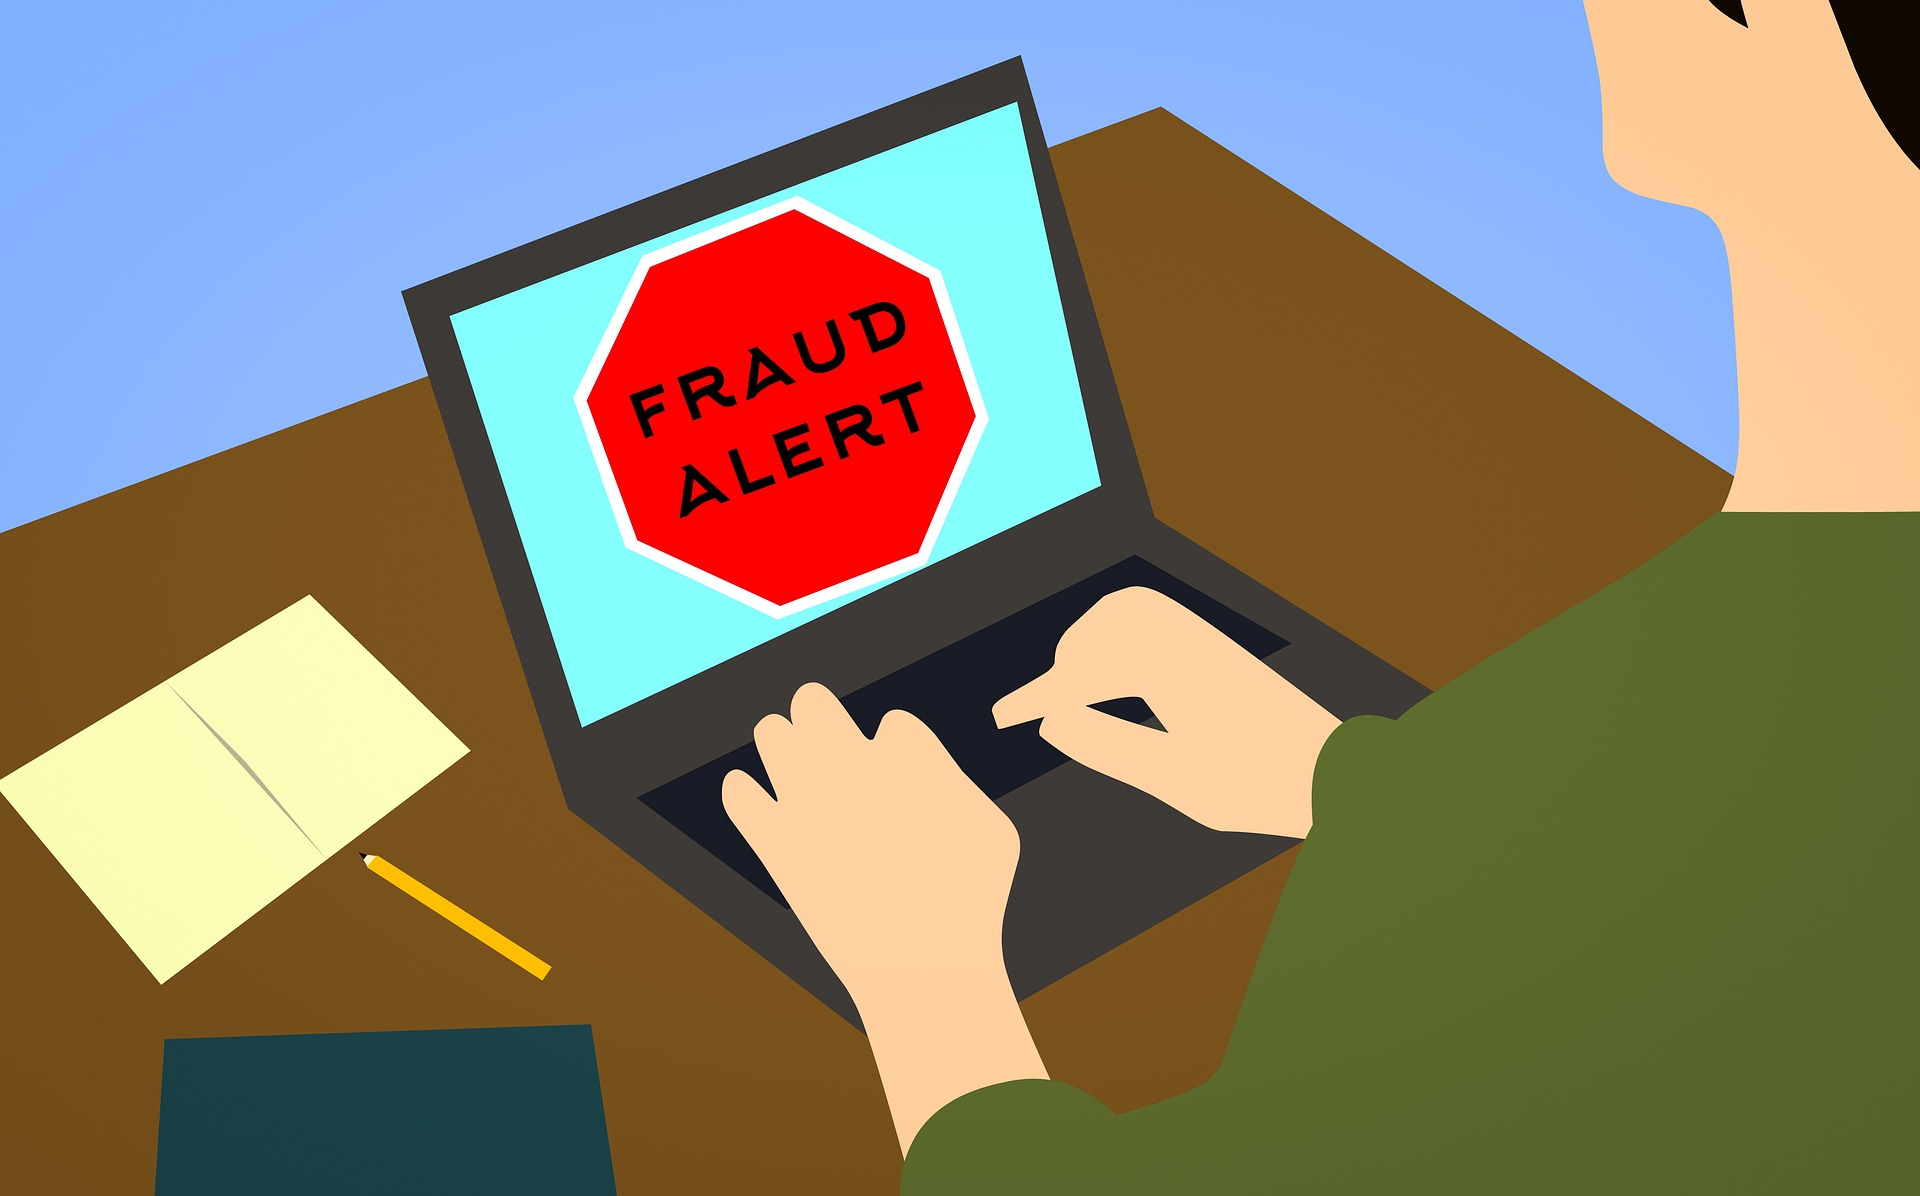 ภาพกราฟิกของคนกำลังใช้โน้ตบุ๊กอยู่ แล้วหน้าจอมีการแจ้งเตือนว่า Fraud Alert (เตือนภัยต้มตุ๋น)